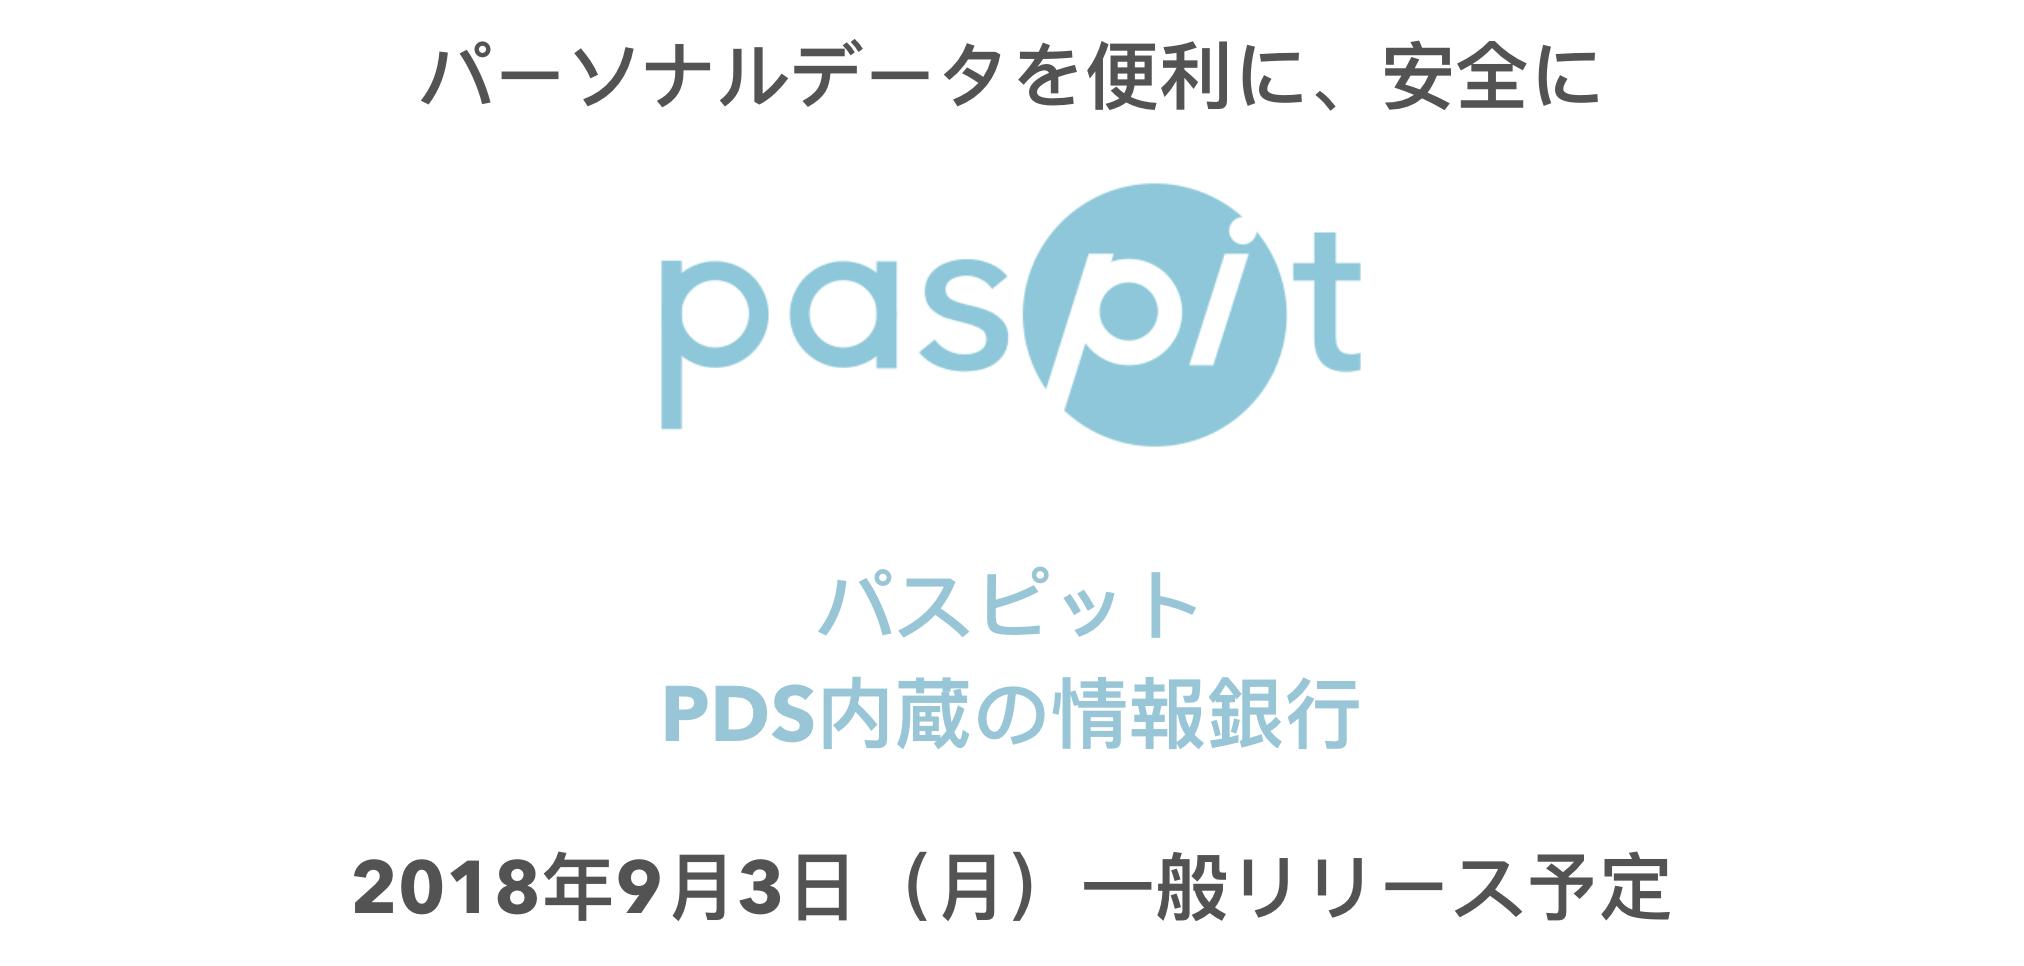 パーソナルデータ管理サービス「paspit」を発表、国内初のPDS内蔵・情報銀行サービスを目指します